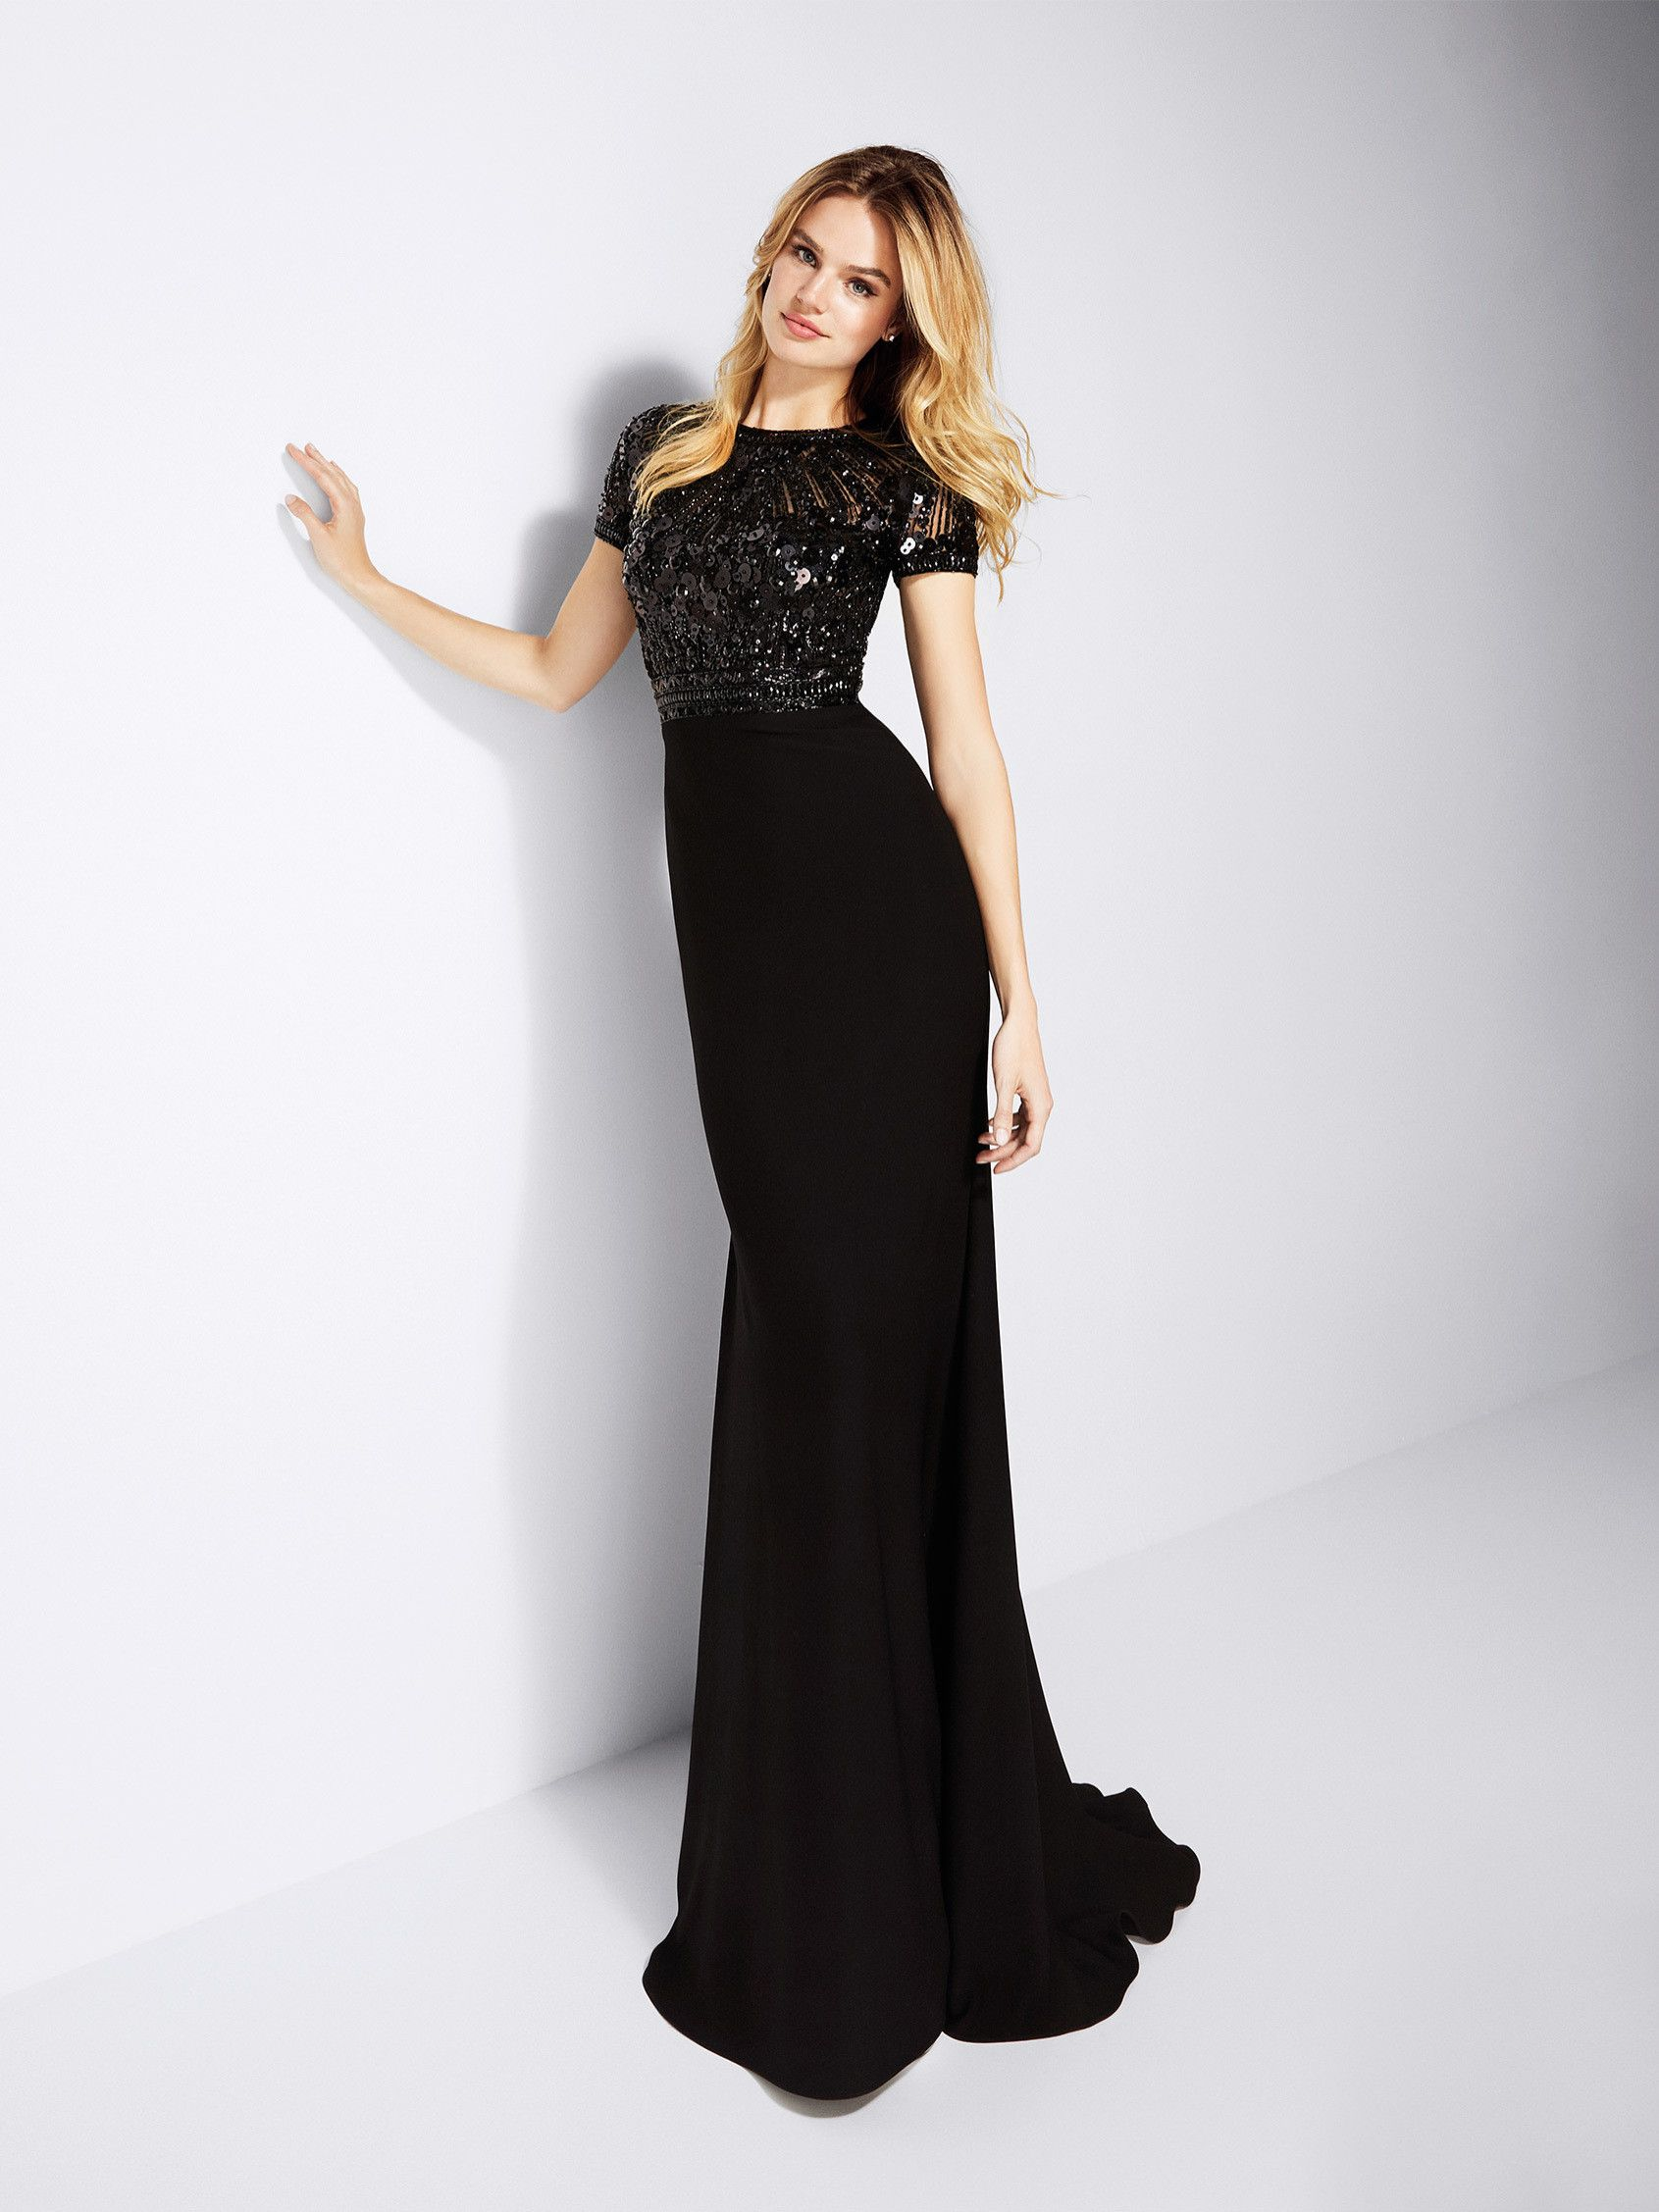 b3866d057 Vestido de noche negro femenino - Colección fiesta 2018 Pronovias ...